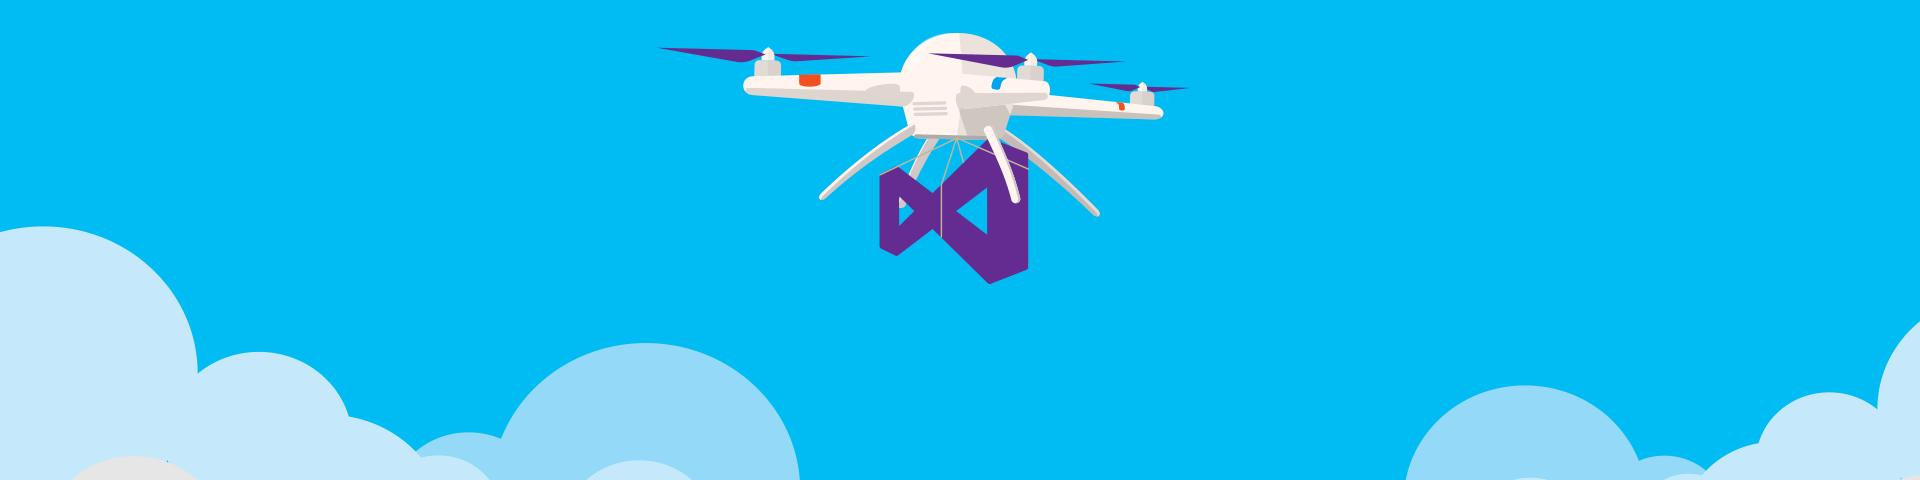 Abbildung einer fliegenden Drohne mit dem Visual Studio-Logo